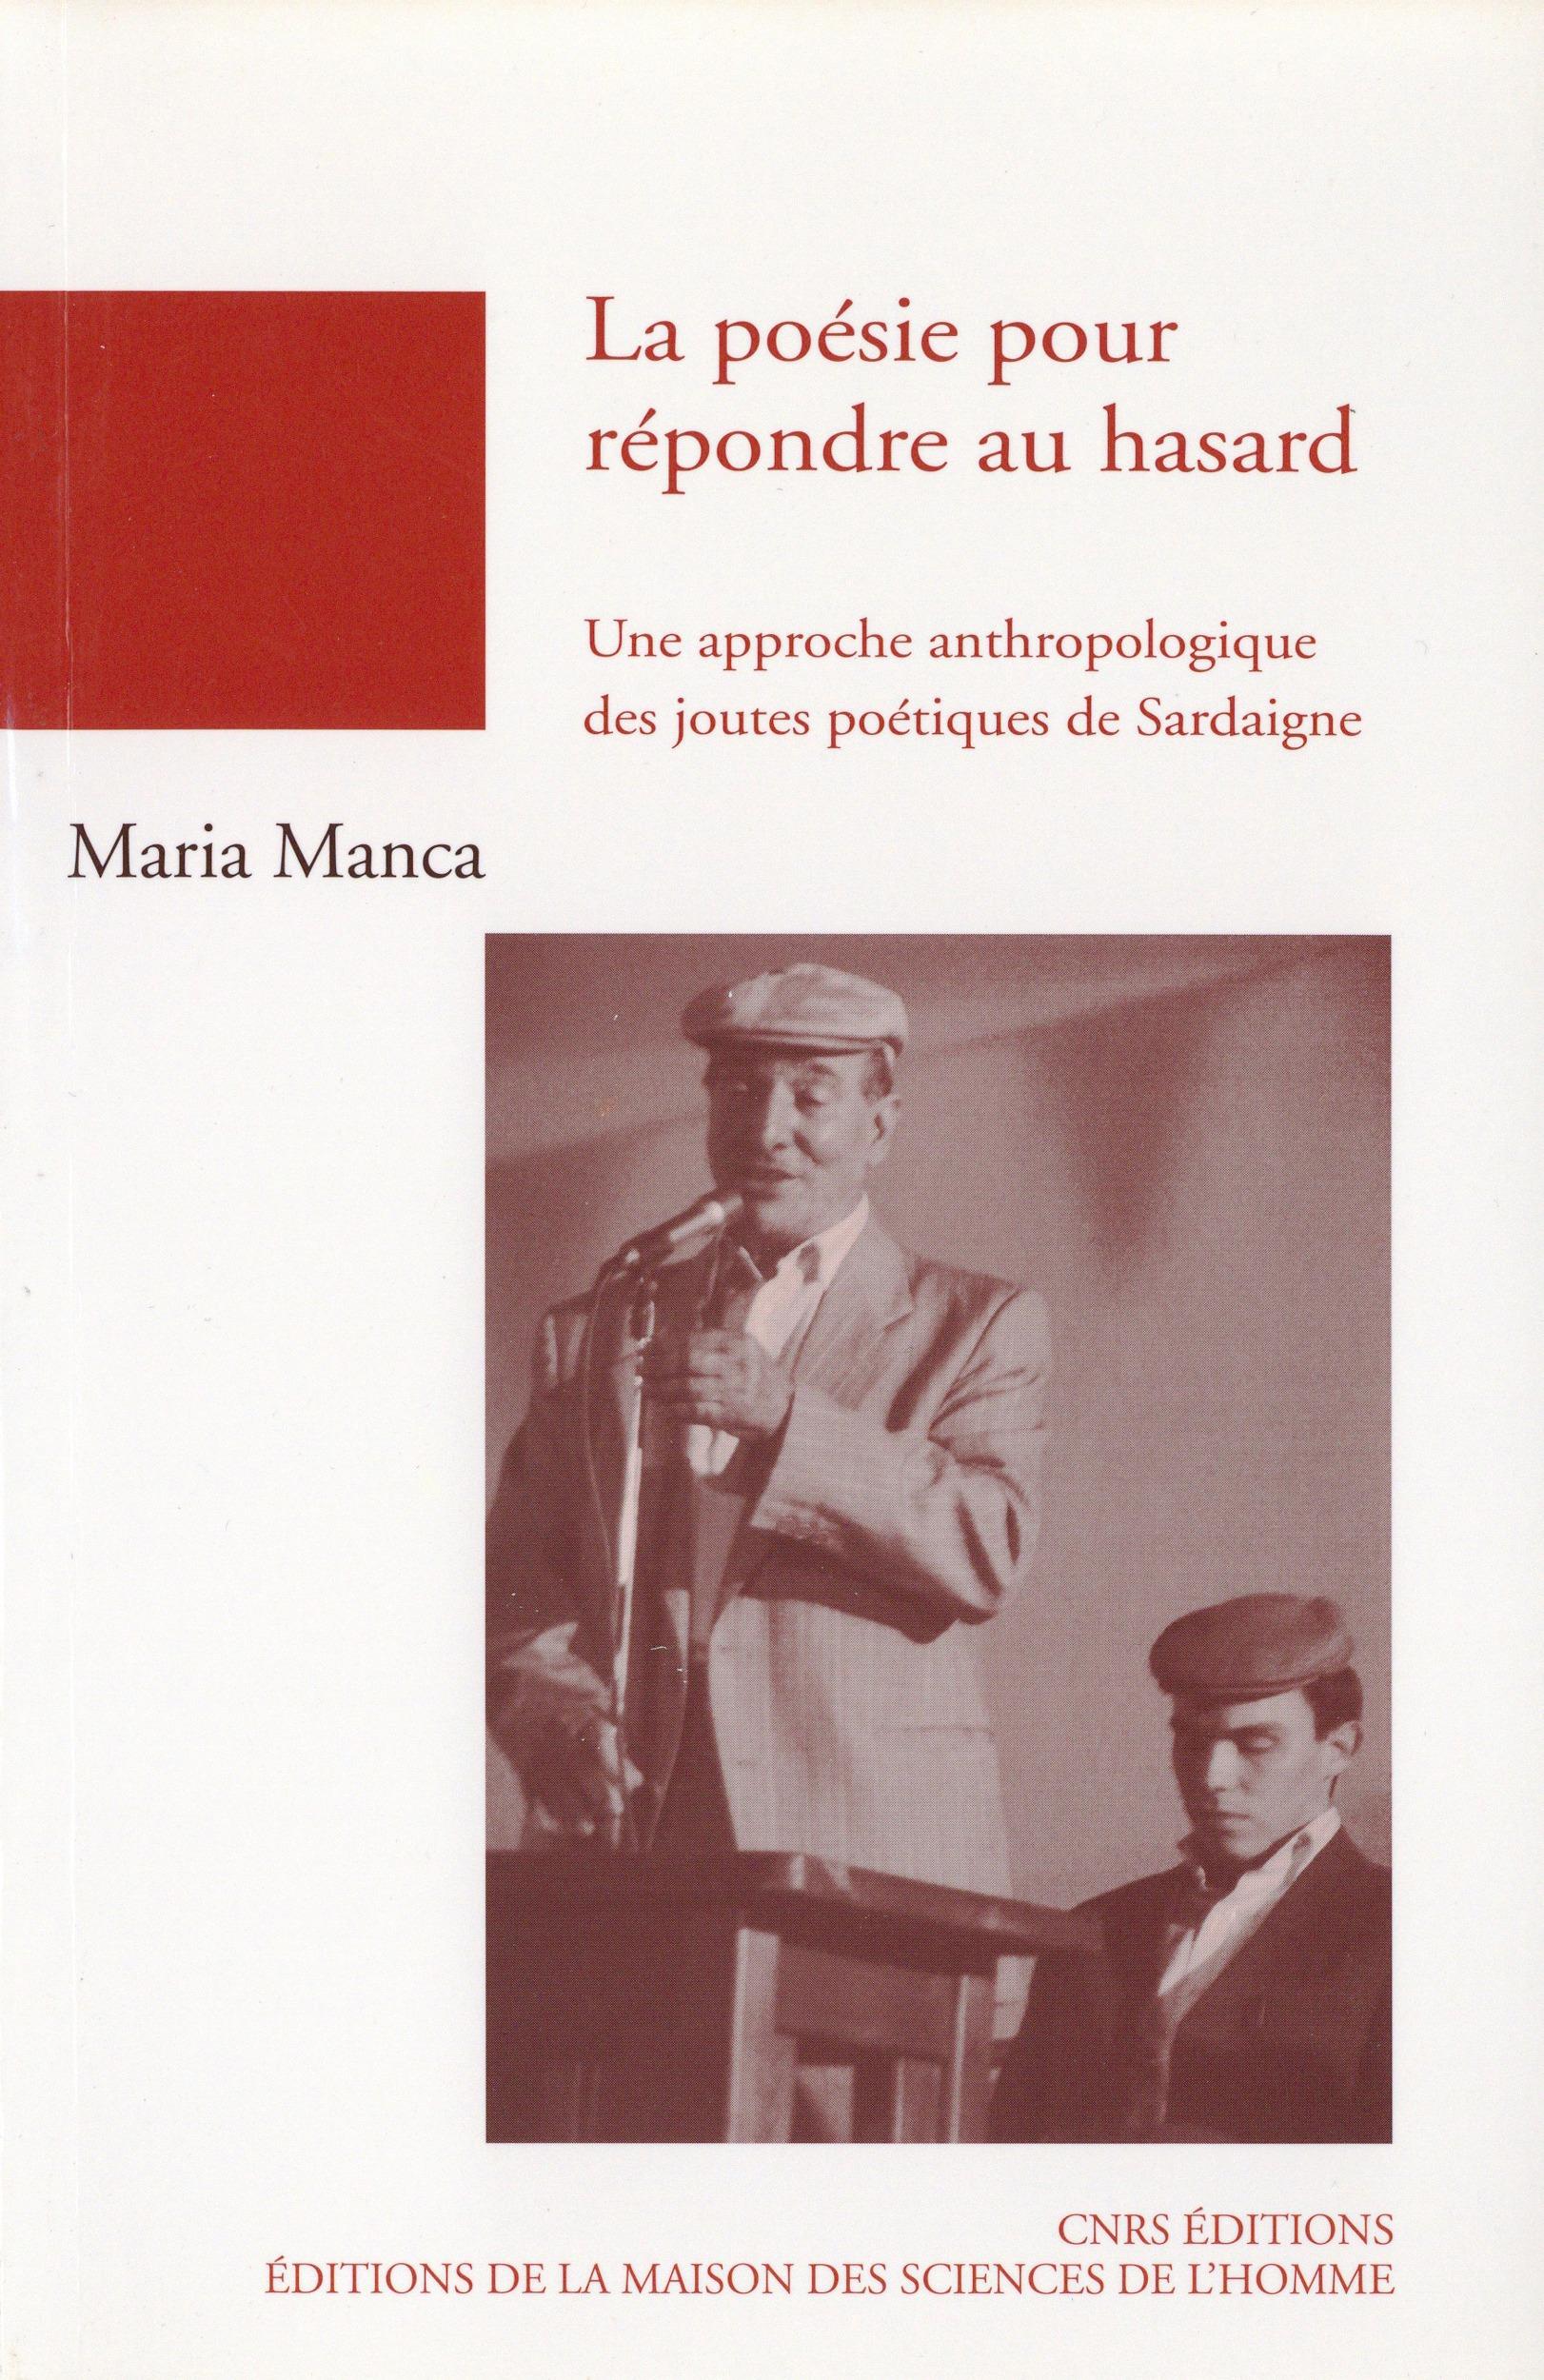 la poésie pour répondre au hasard ; une approche anthropologique des joutes poétiques de Sardaigne